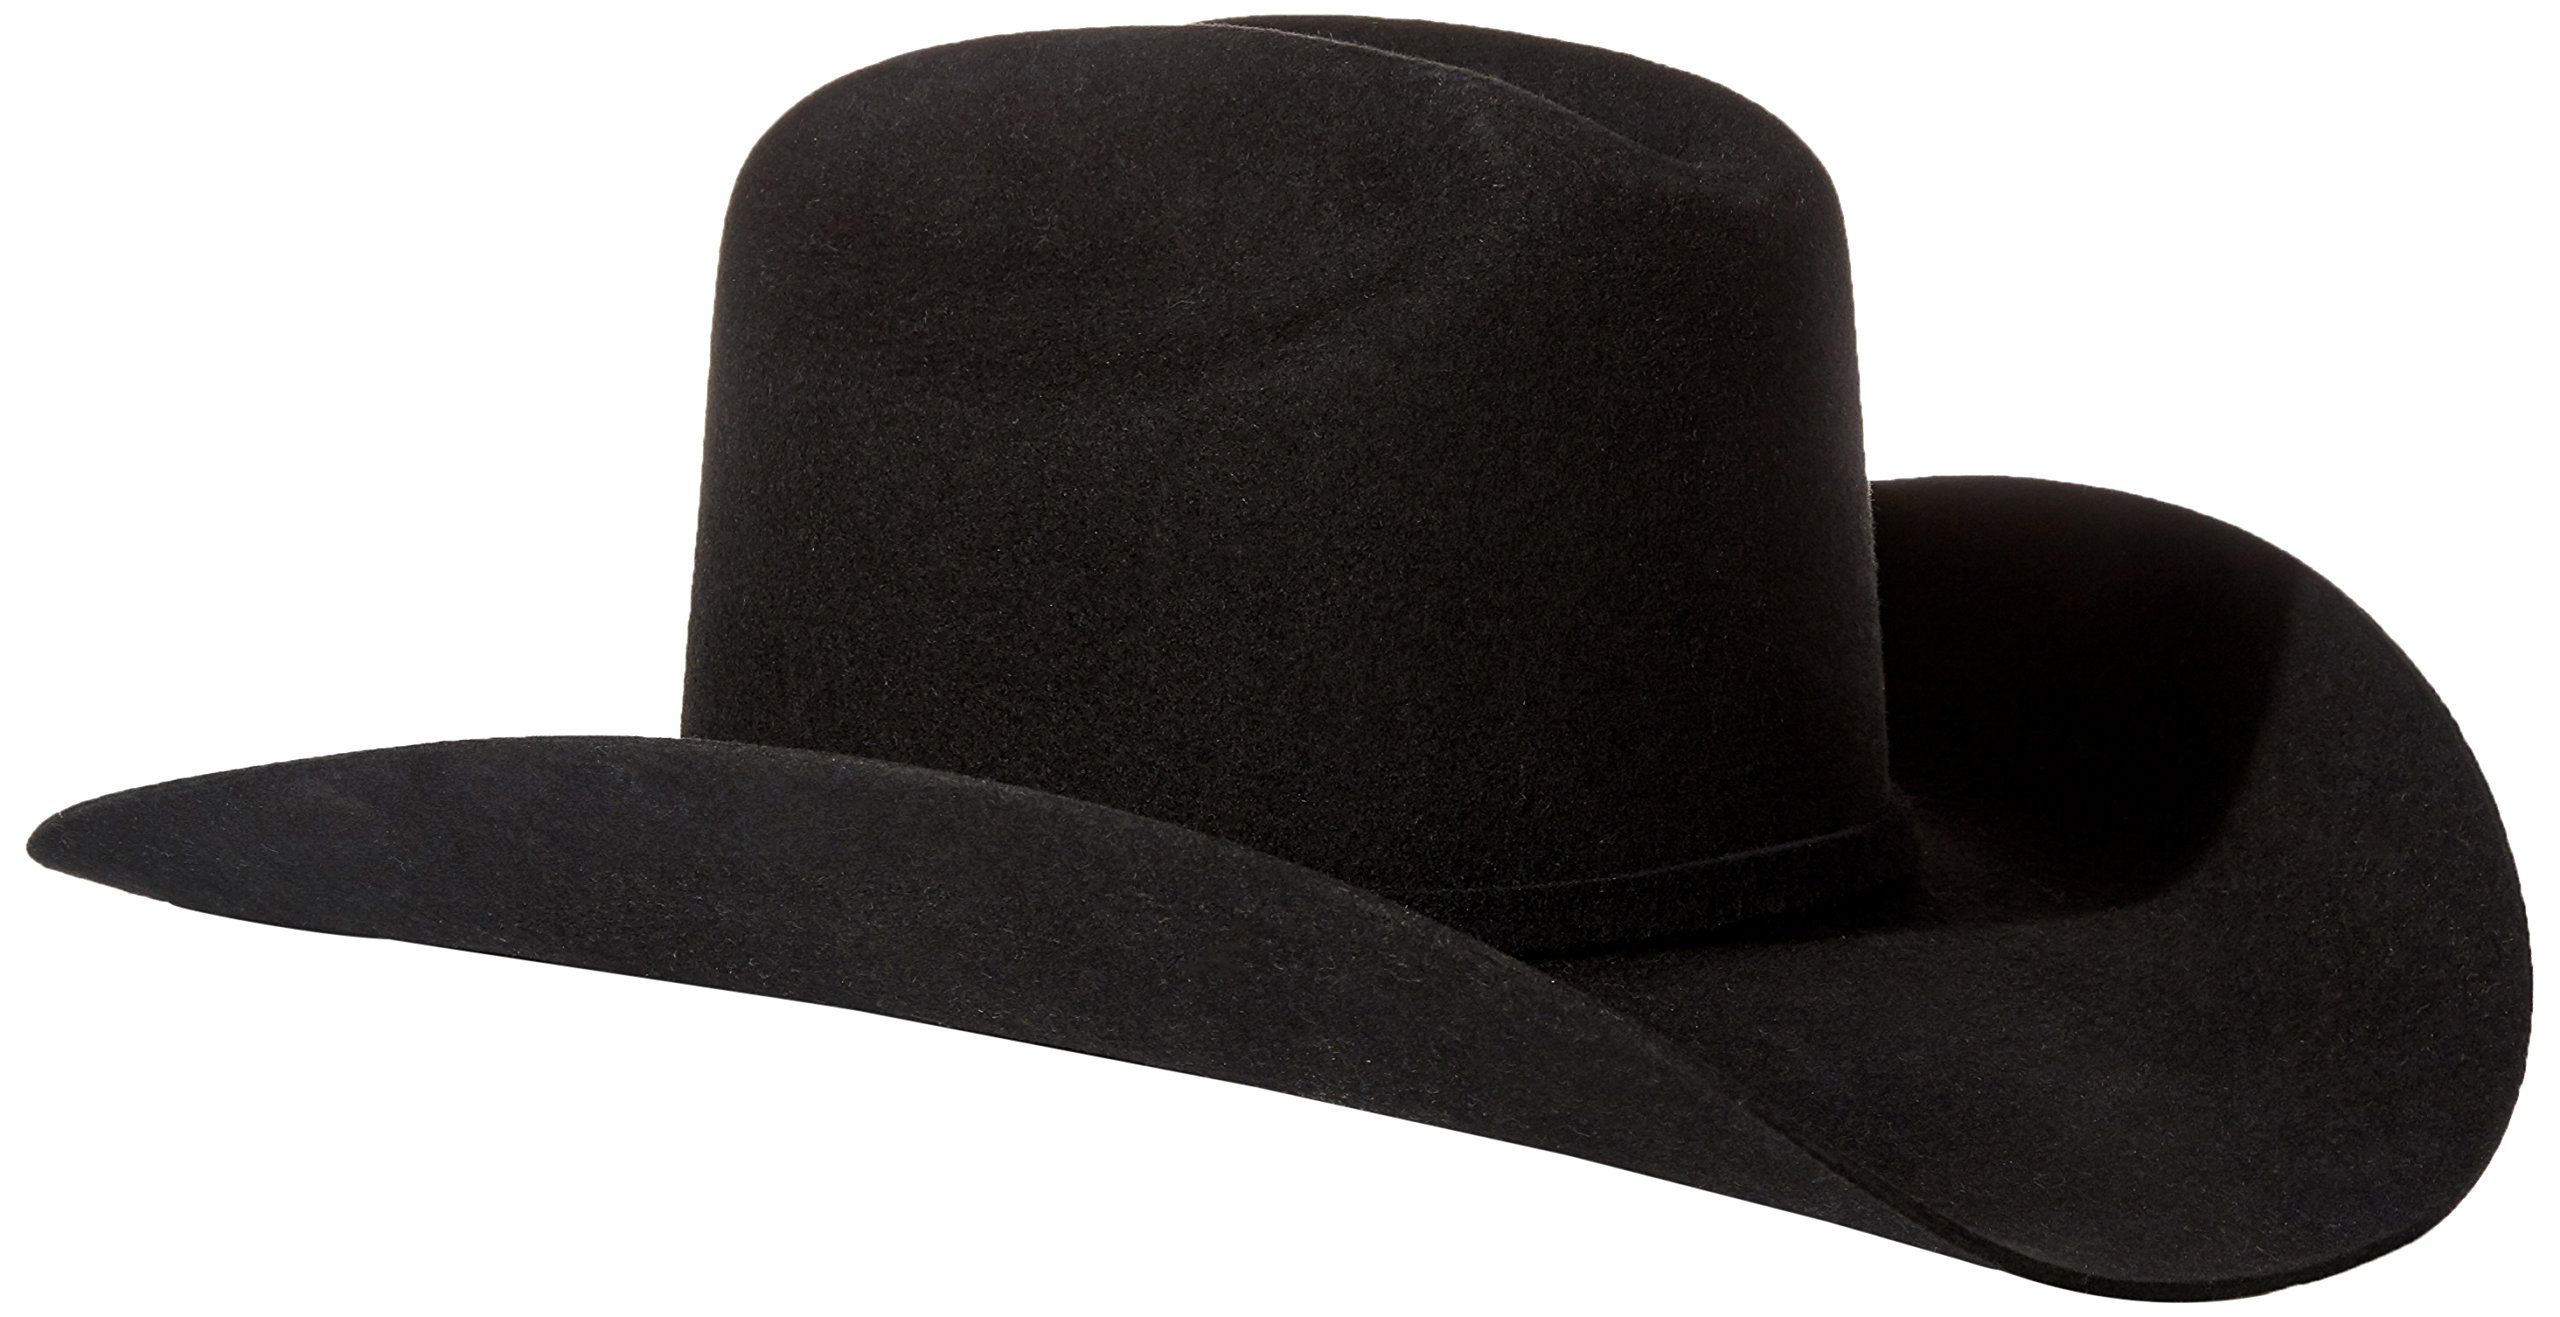 075ba4ca21e Galleon - Stetson Men s 3X Oakridge Wool Cowboy Hat Black 7 1 8  Apparel